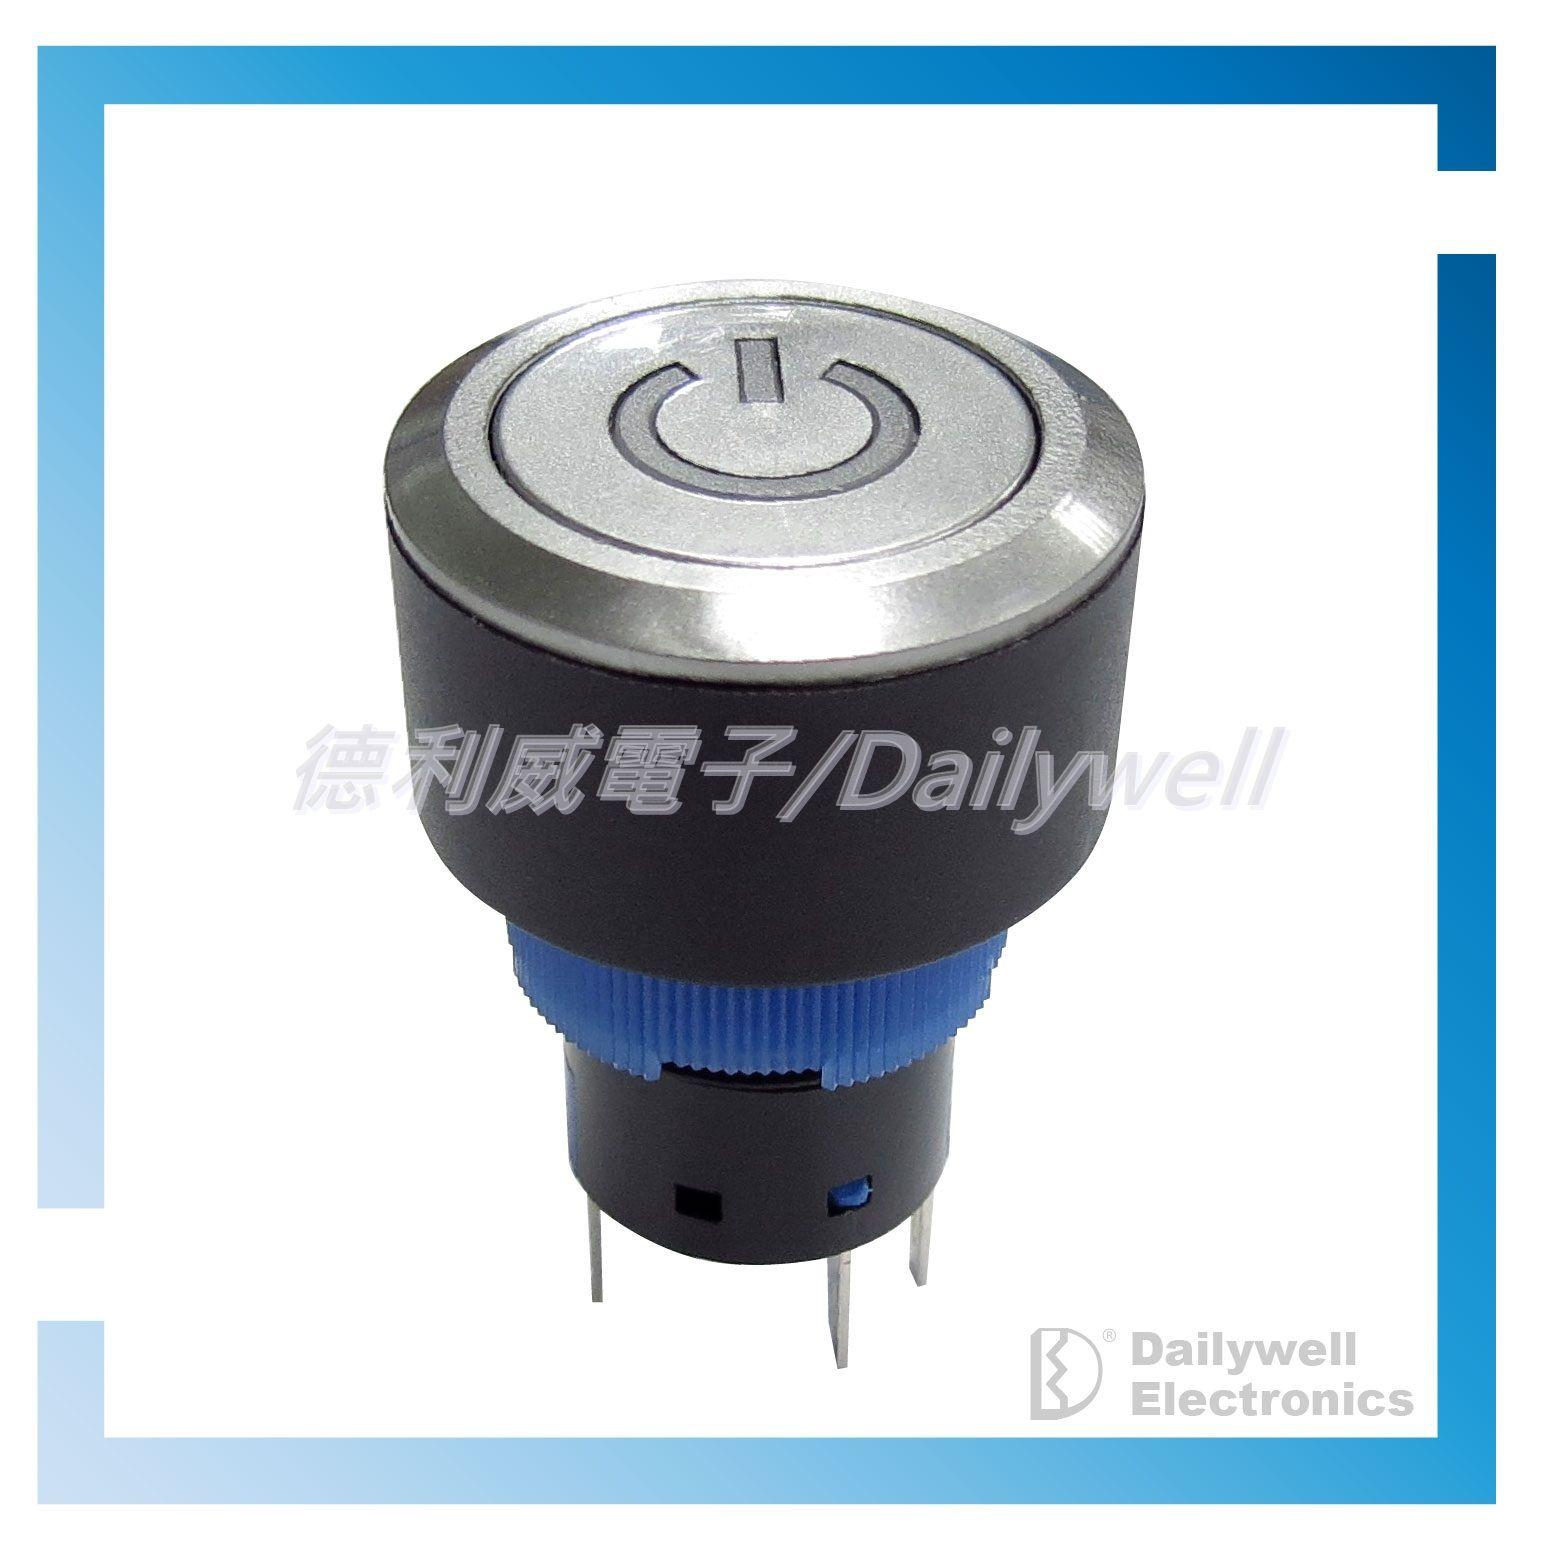 22-миллиметровые кнопочные переключатели с подсветкой